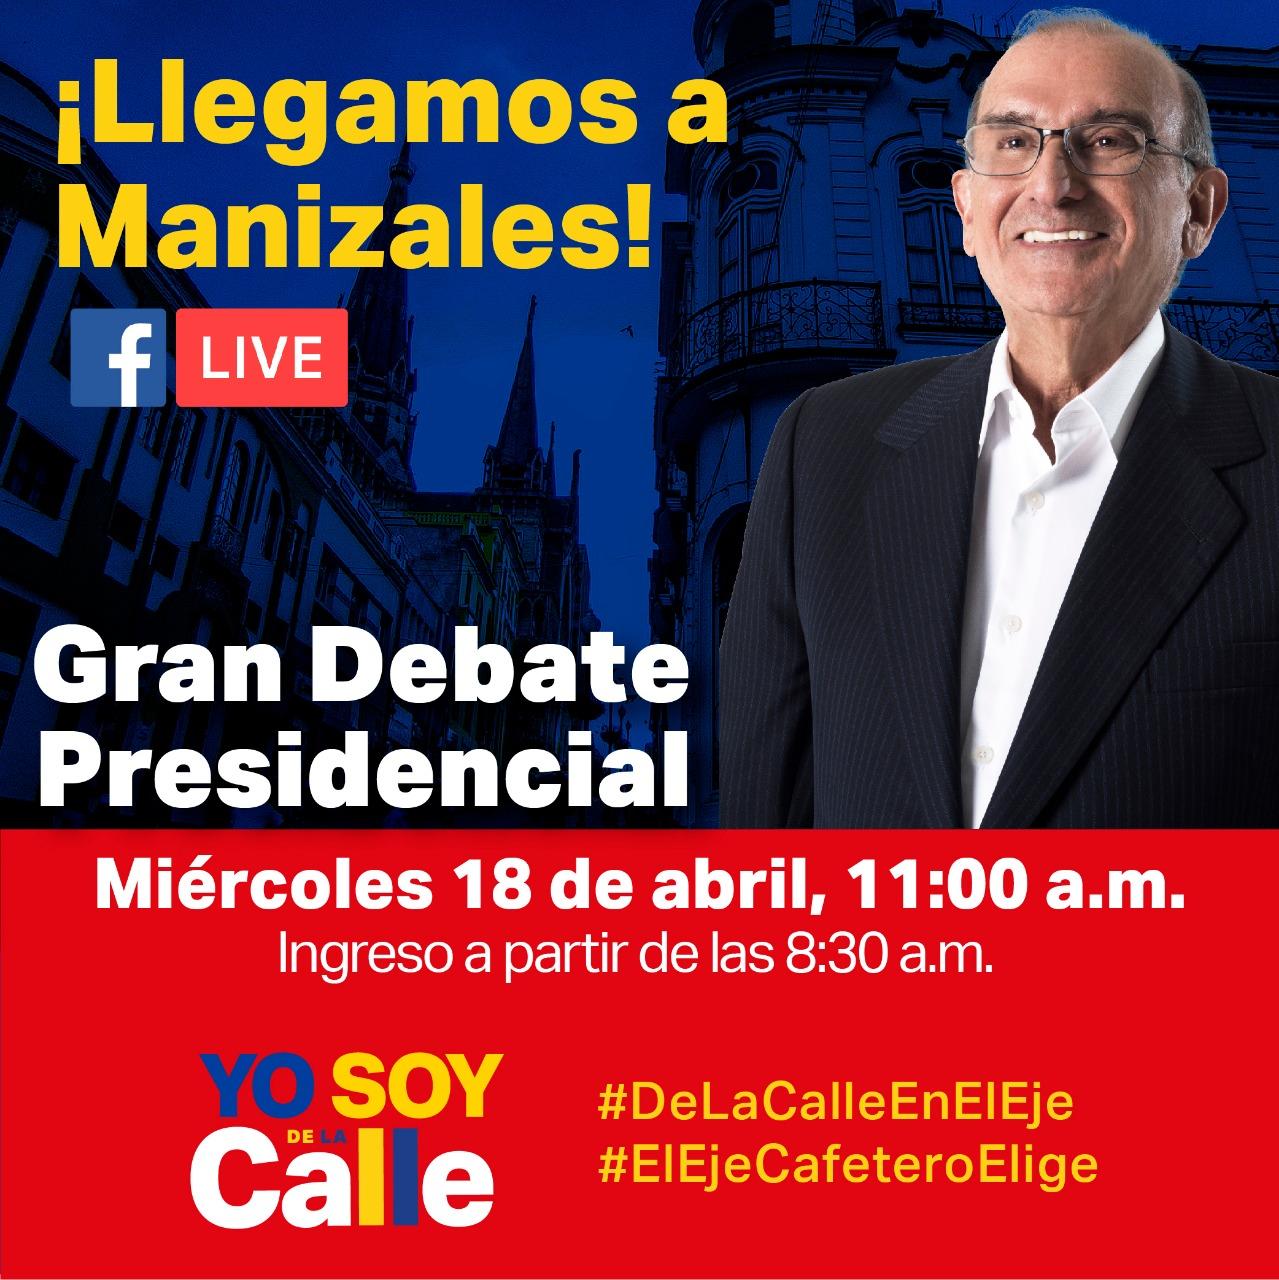 grandebate-manizales-presidencial-HDLC-delacalle.jpeg